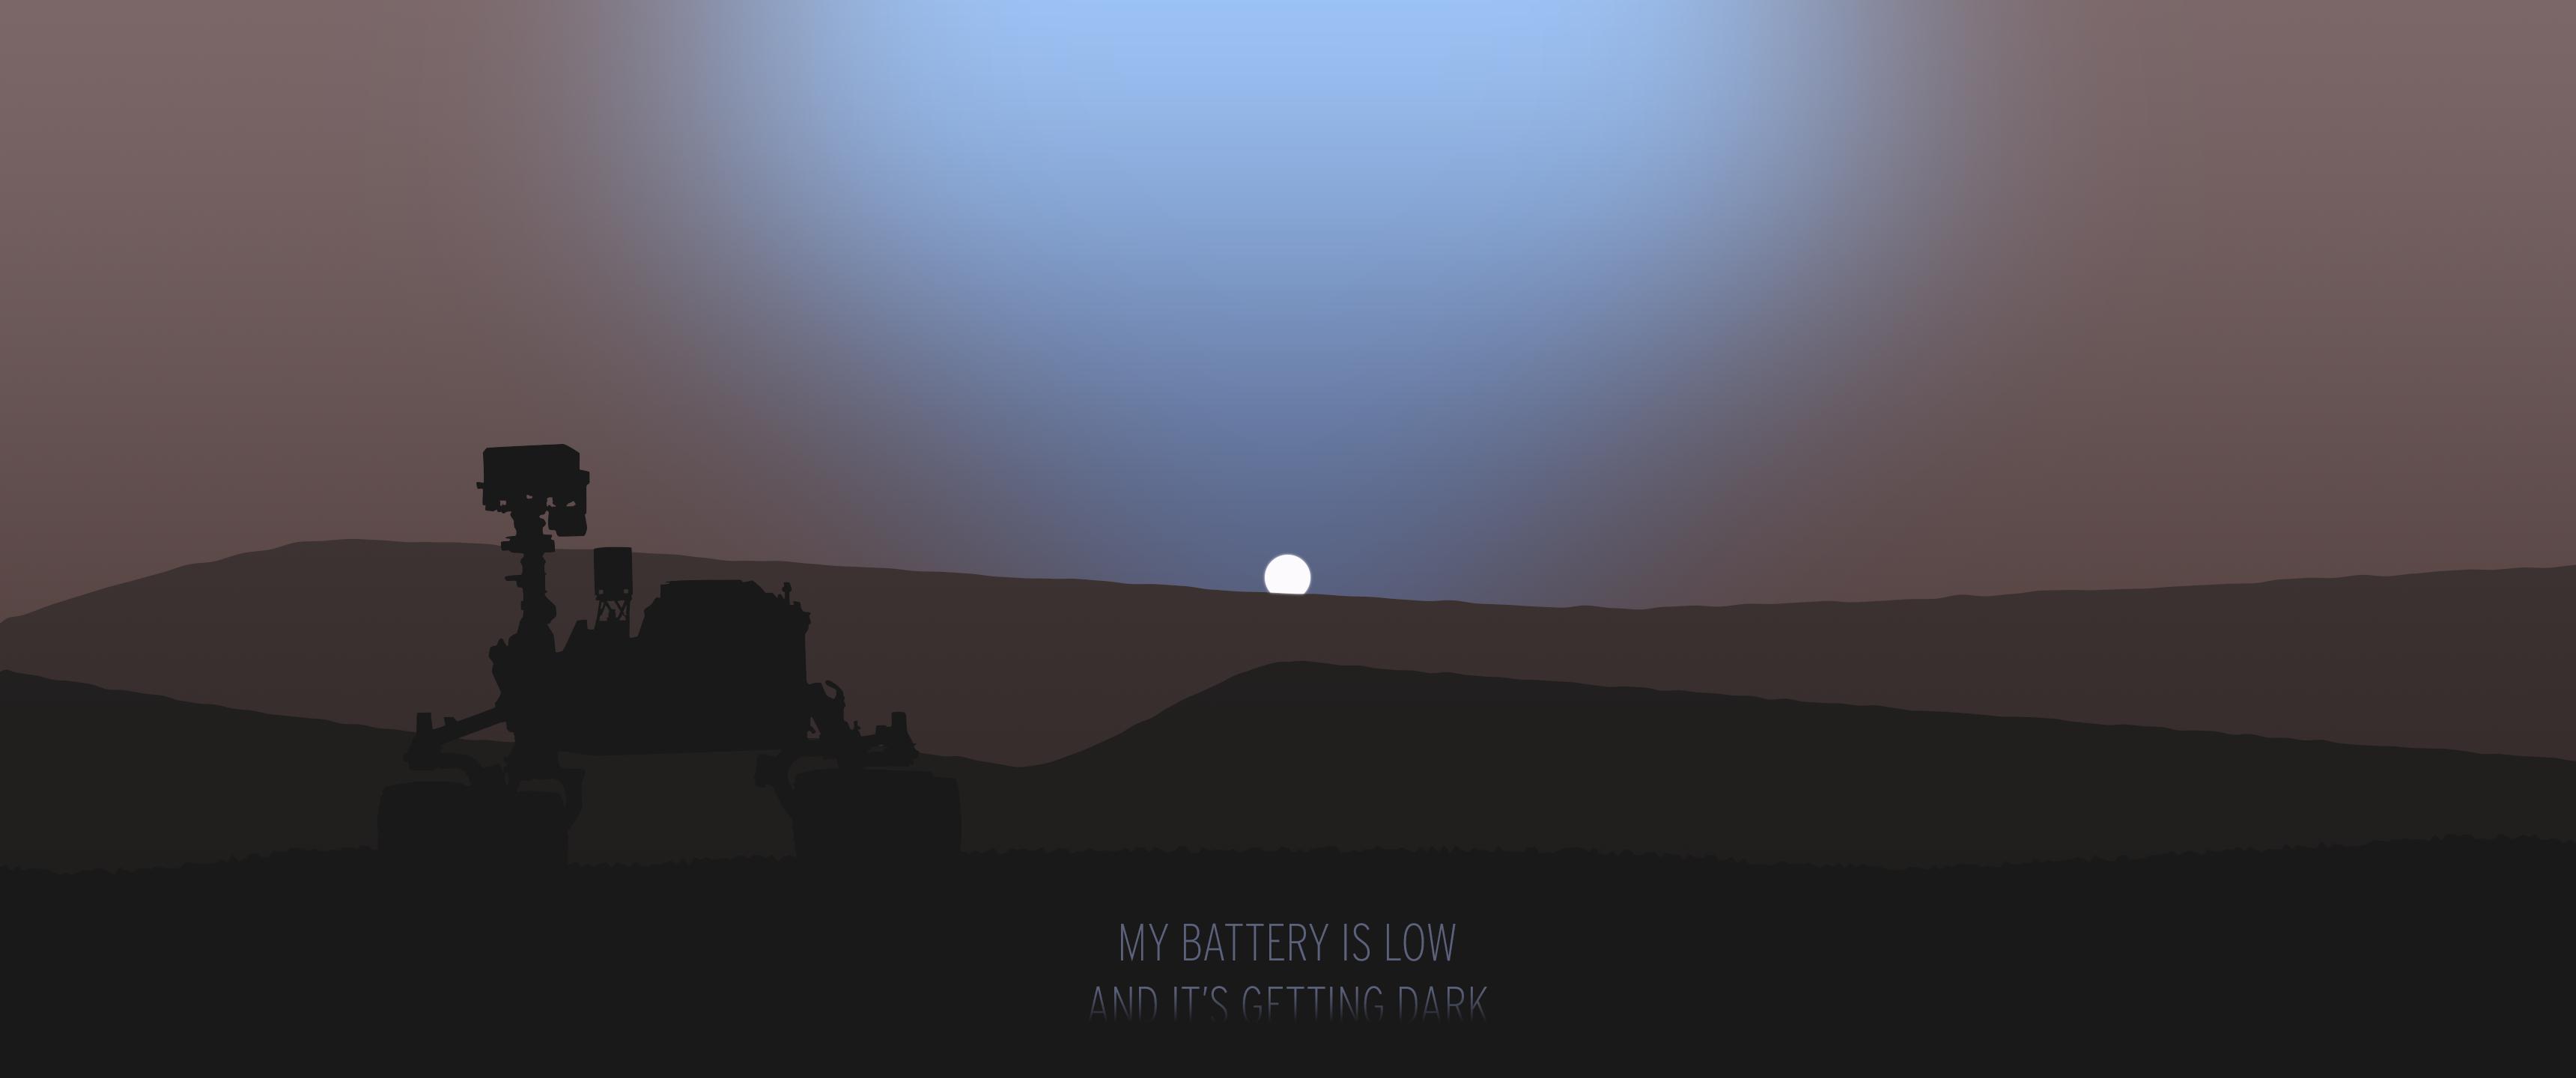 Wallpaper Space Mars Core Dark Quote Mars Rover Sun